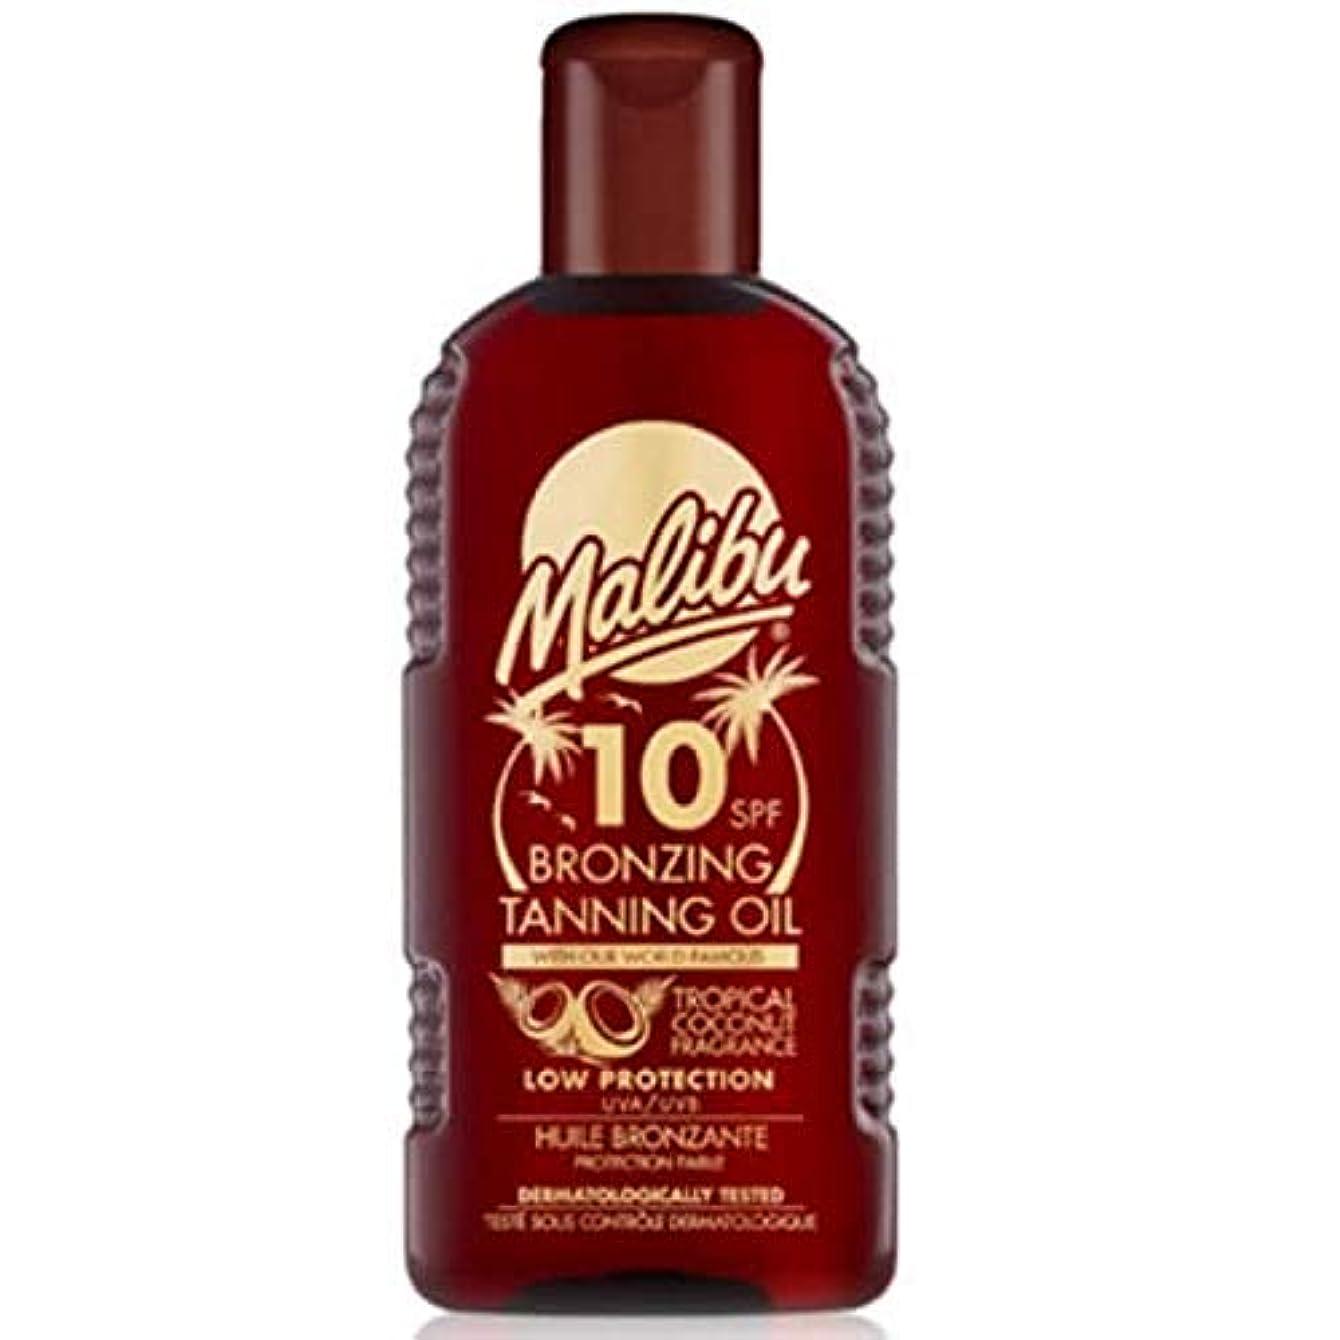 変装スロープ残酷な[Malibu ] マリブブロンズ日焼けオイルSpf 10 - Malibu Bronzing Tanning Oil SPF 10 [並行輸入品]